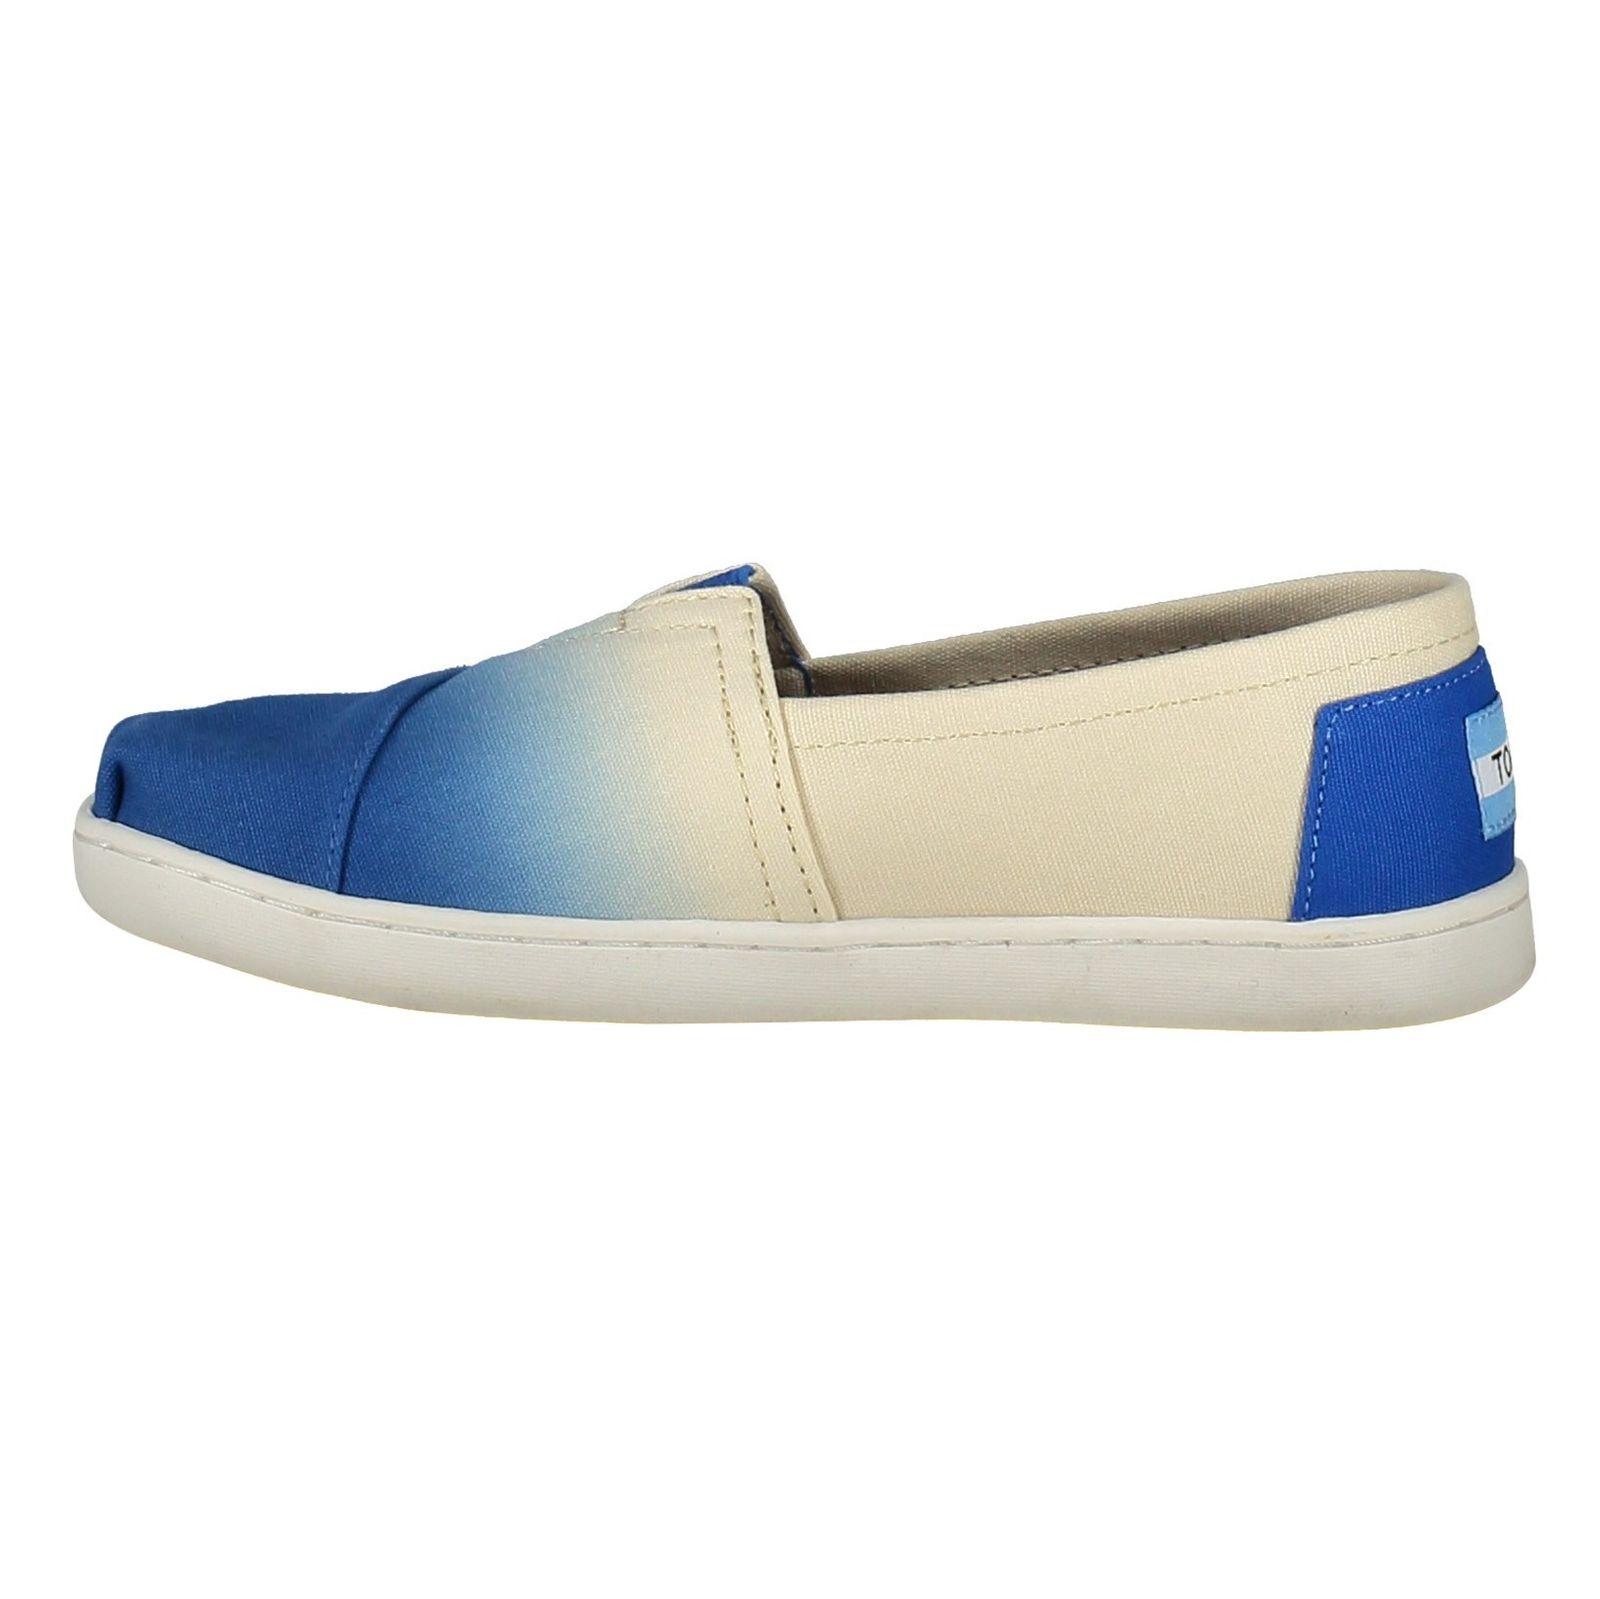 کفش راحتی نخی بچگانه - تامز - سفيد آبي - 3